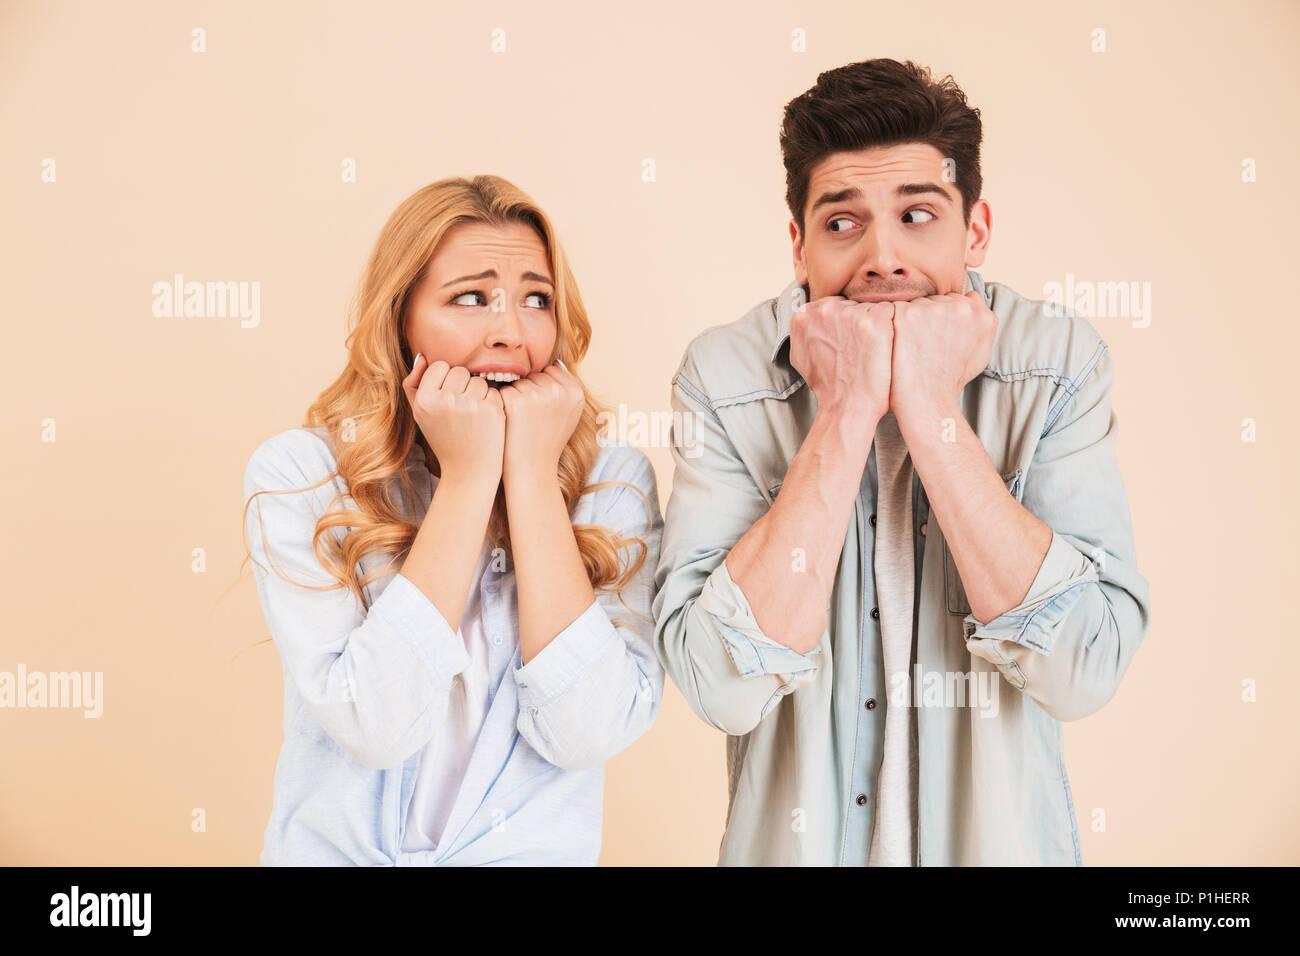 Bild von Angst, Mann und Frau in der Kleidung an einander suchen und Beißen ihre Fäuste emotional über beigen Hintergrund isoliert Stockbild